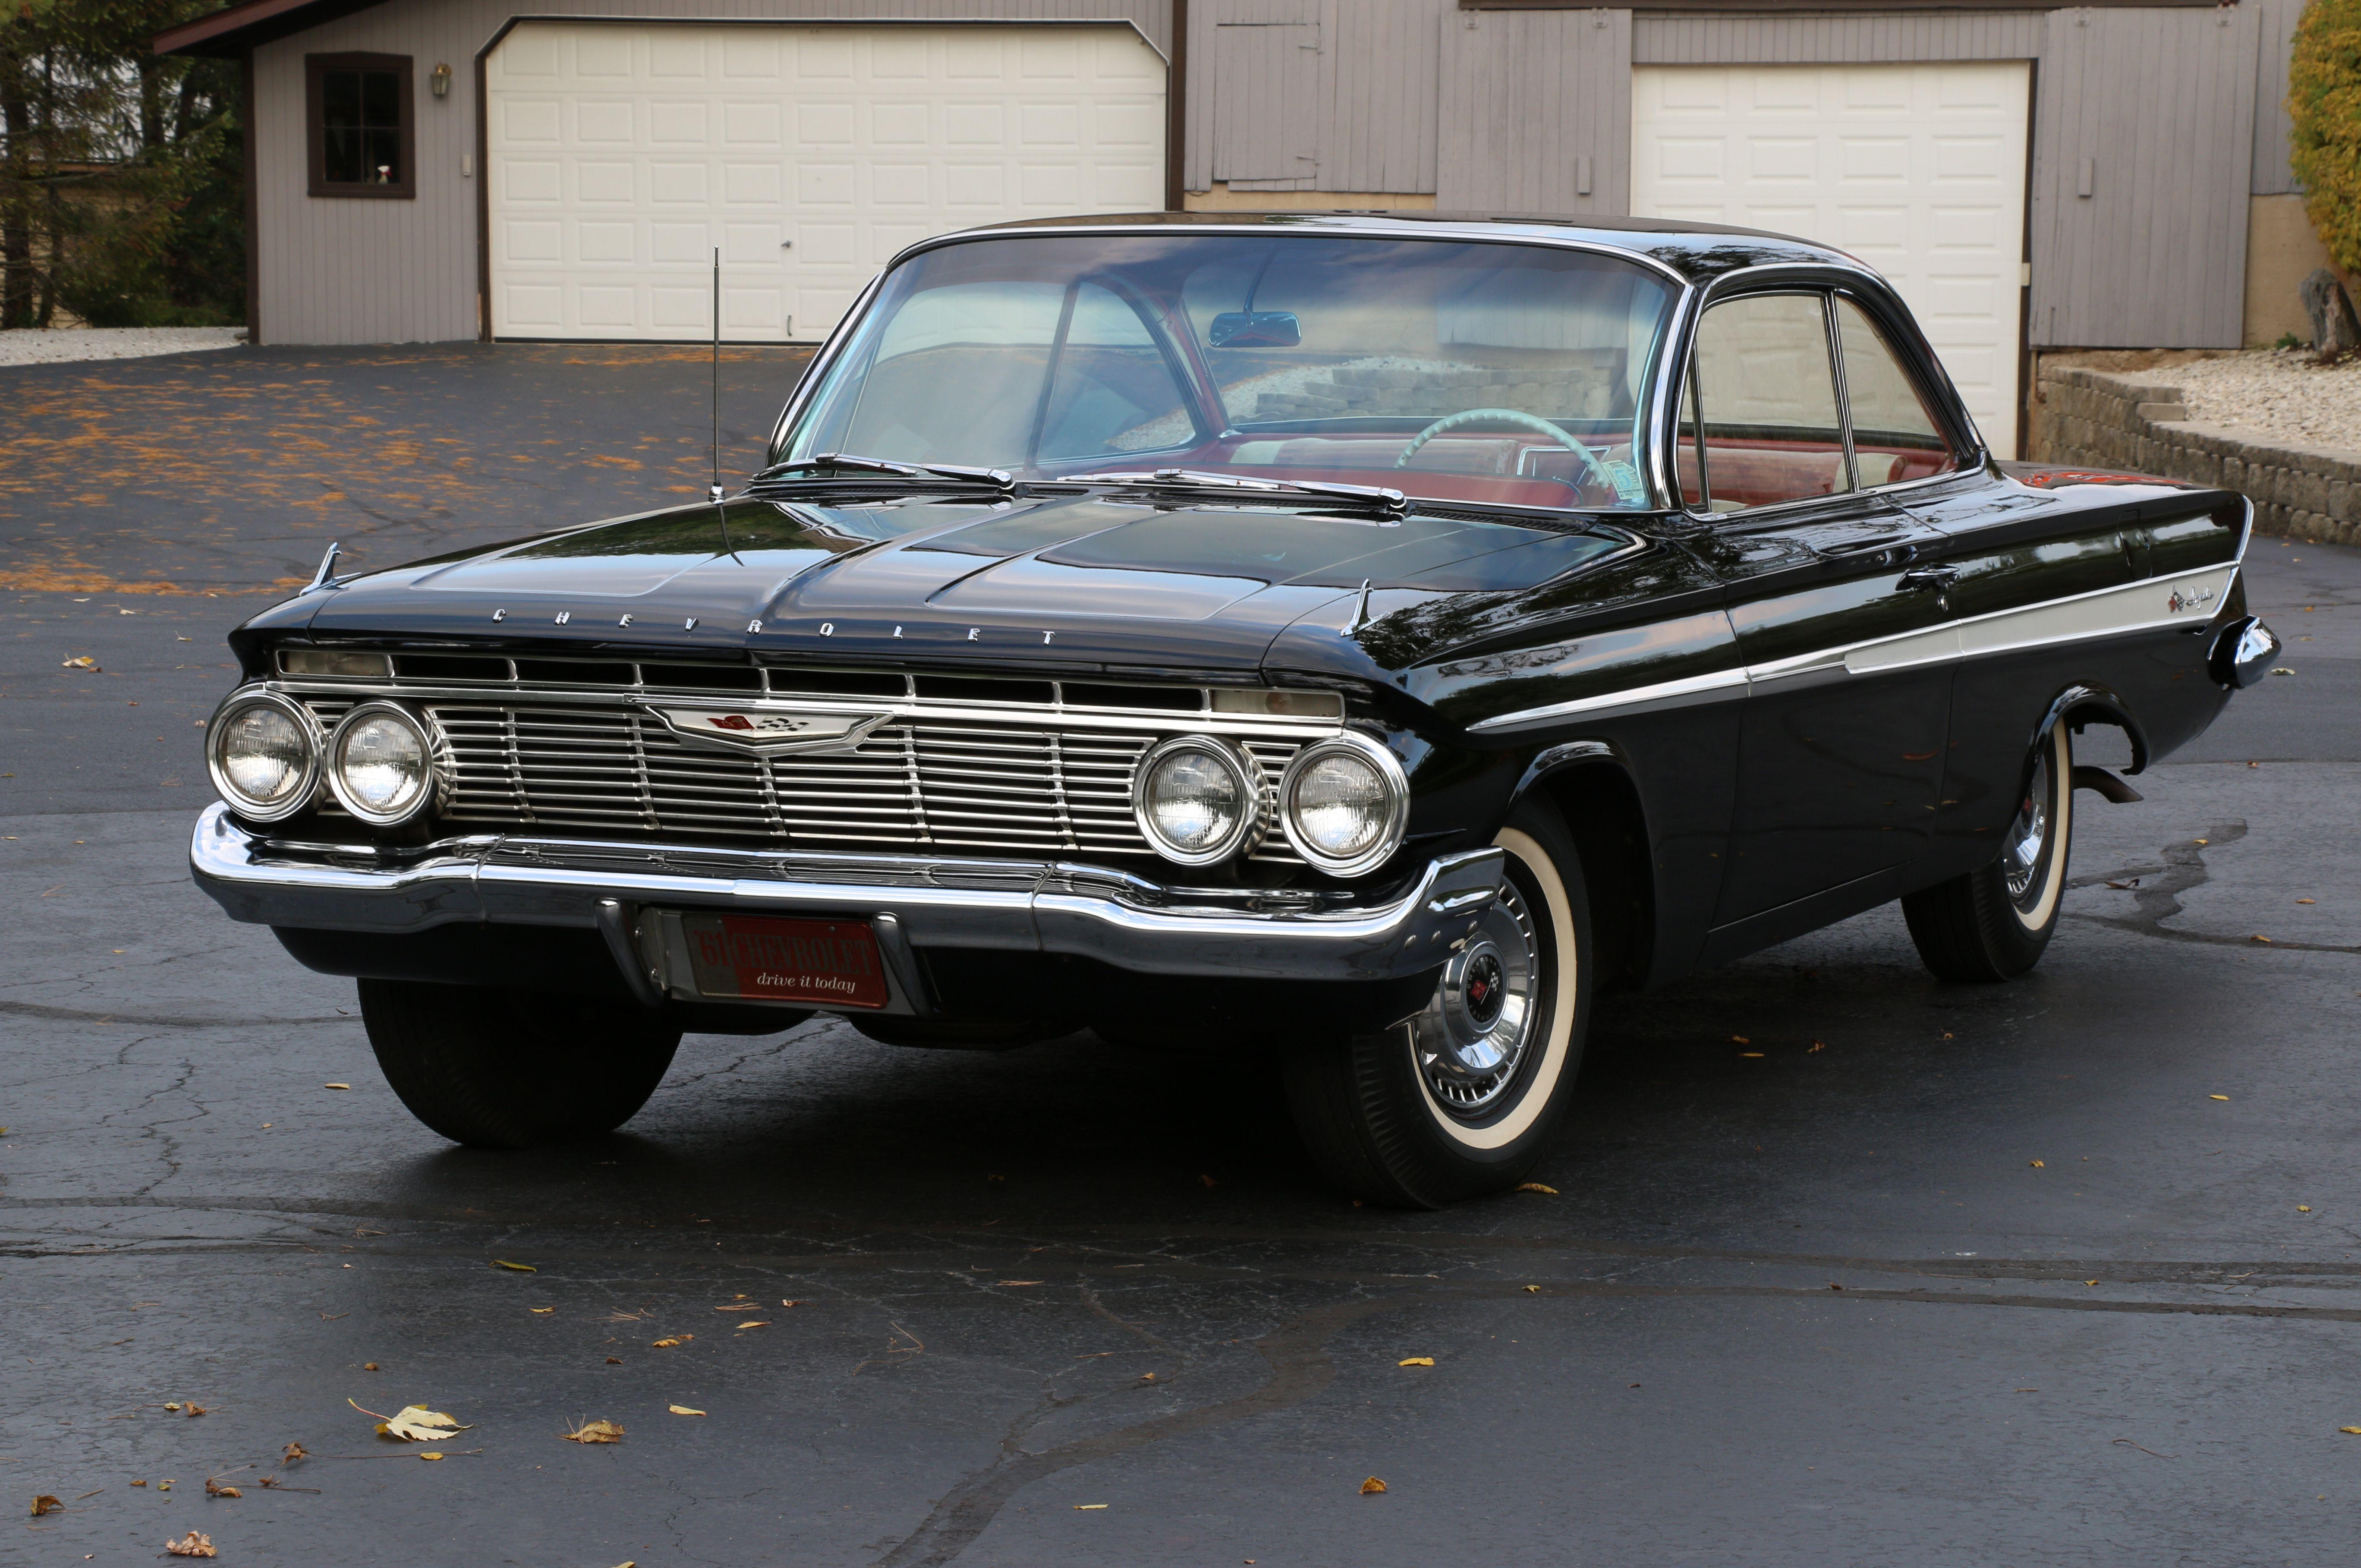 Original 4 Speed 1961 Chevrolet Impala Has Just 34 000 Miles Hot Rod Network Chevrolet Impala Chevrolet Impala